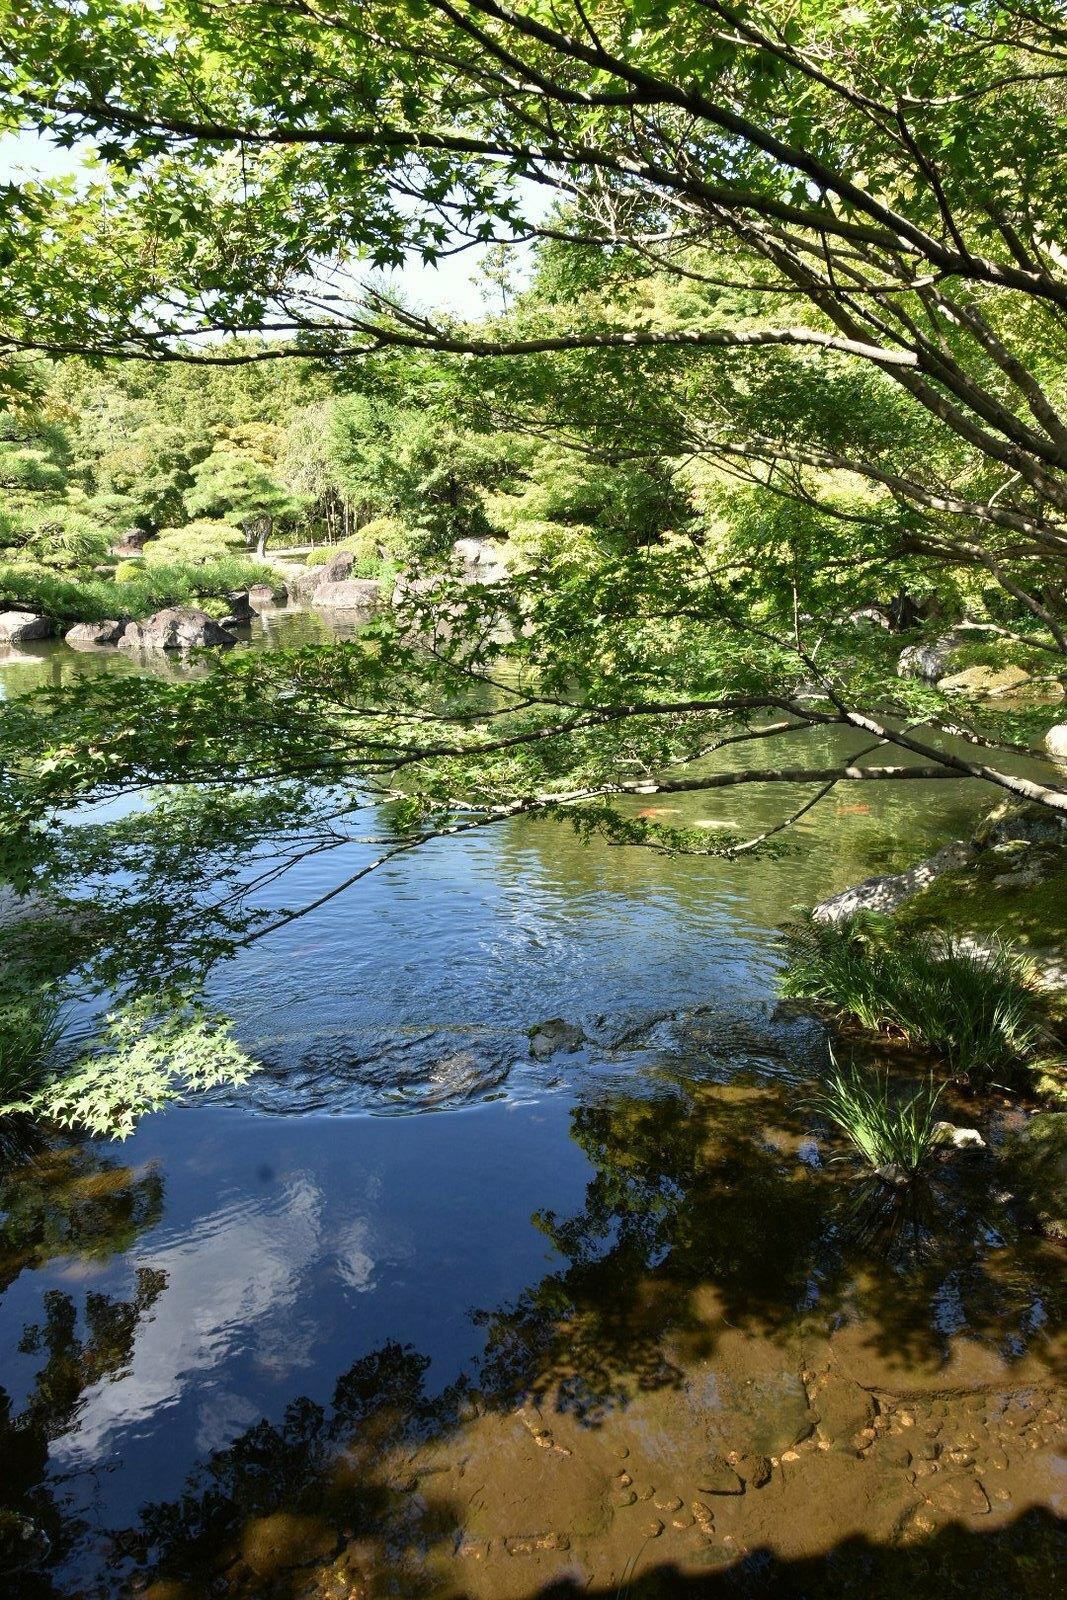 Jardins d'Himeji Koko-en